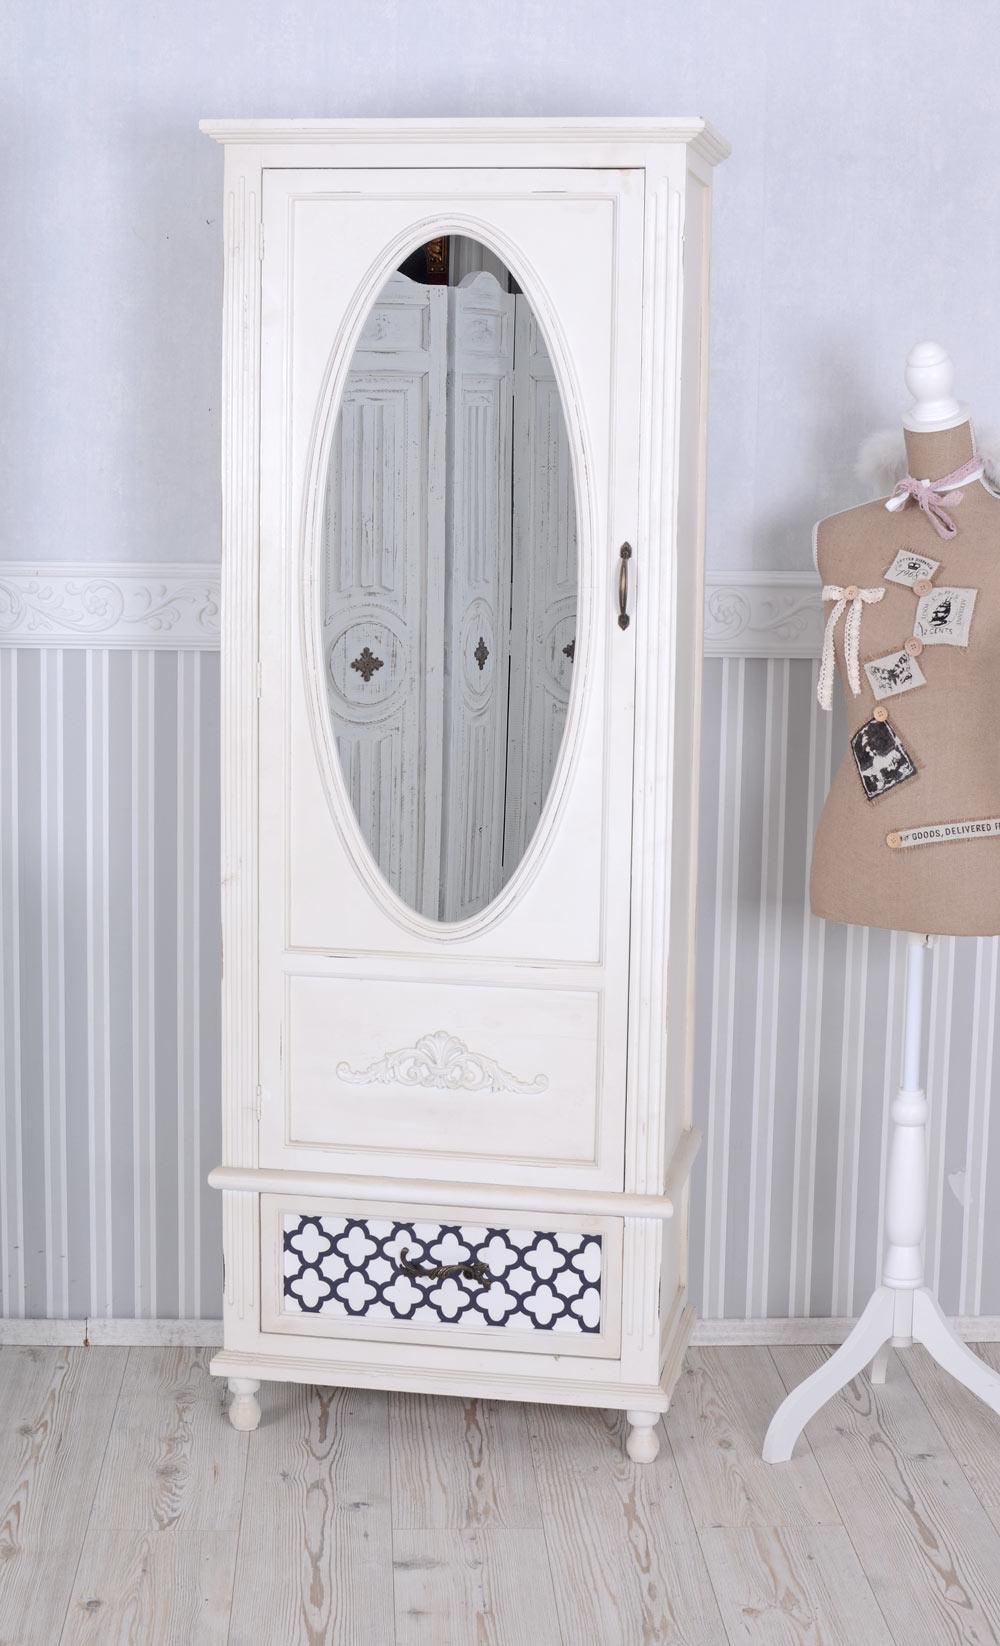 Vintage Schrank Shabby Chic Kleiderschrank Weiss Wäscheschrank Spiegel